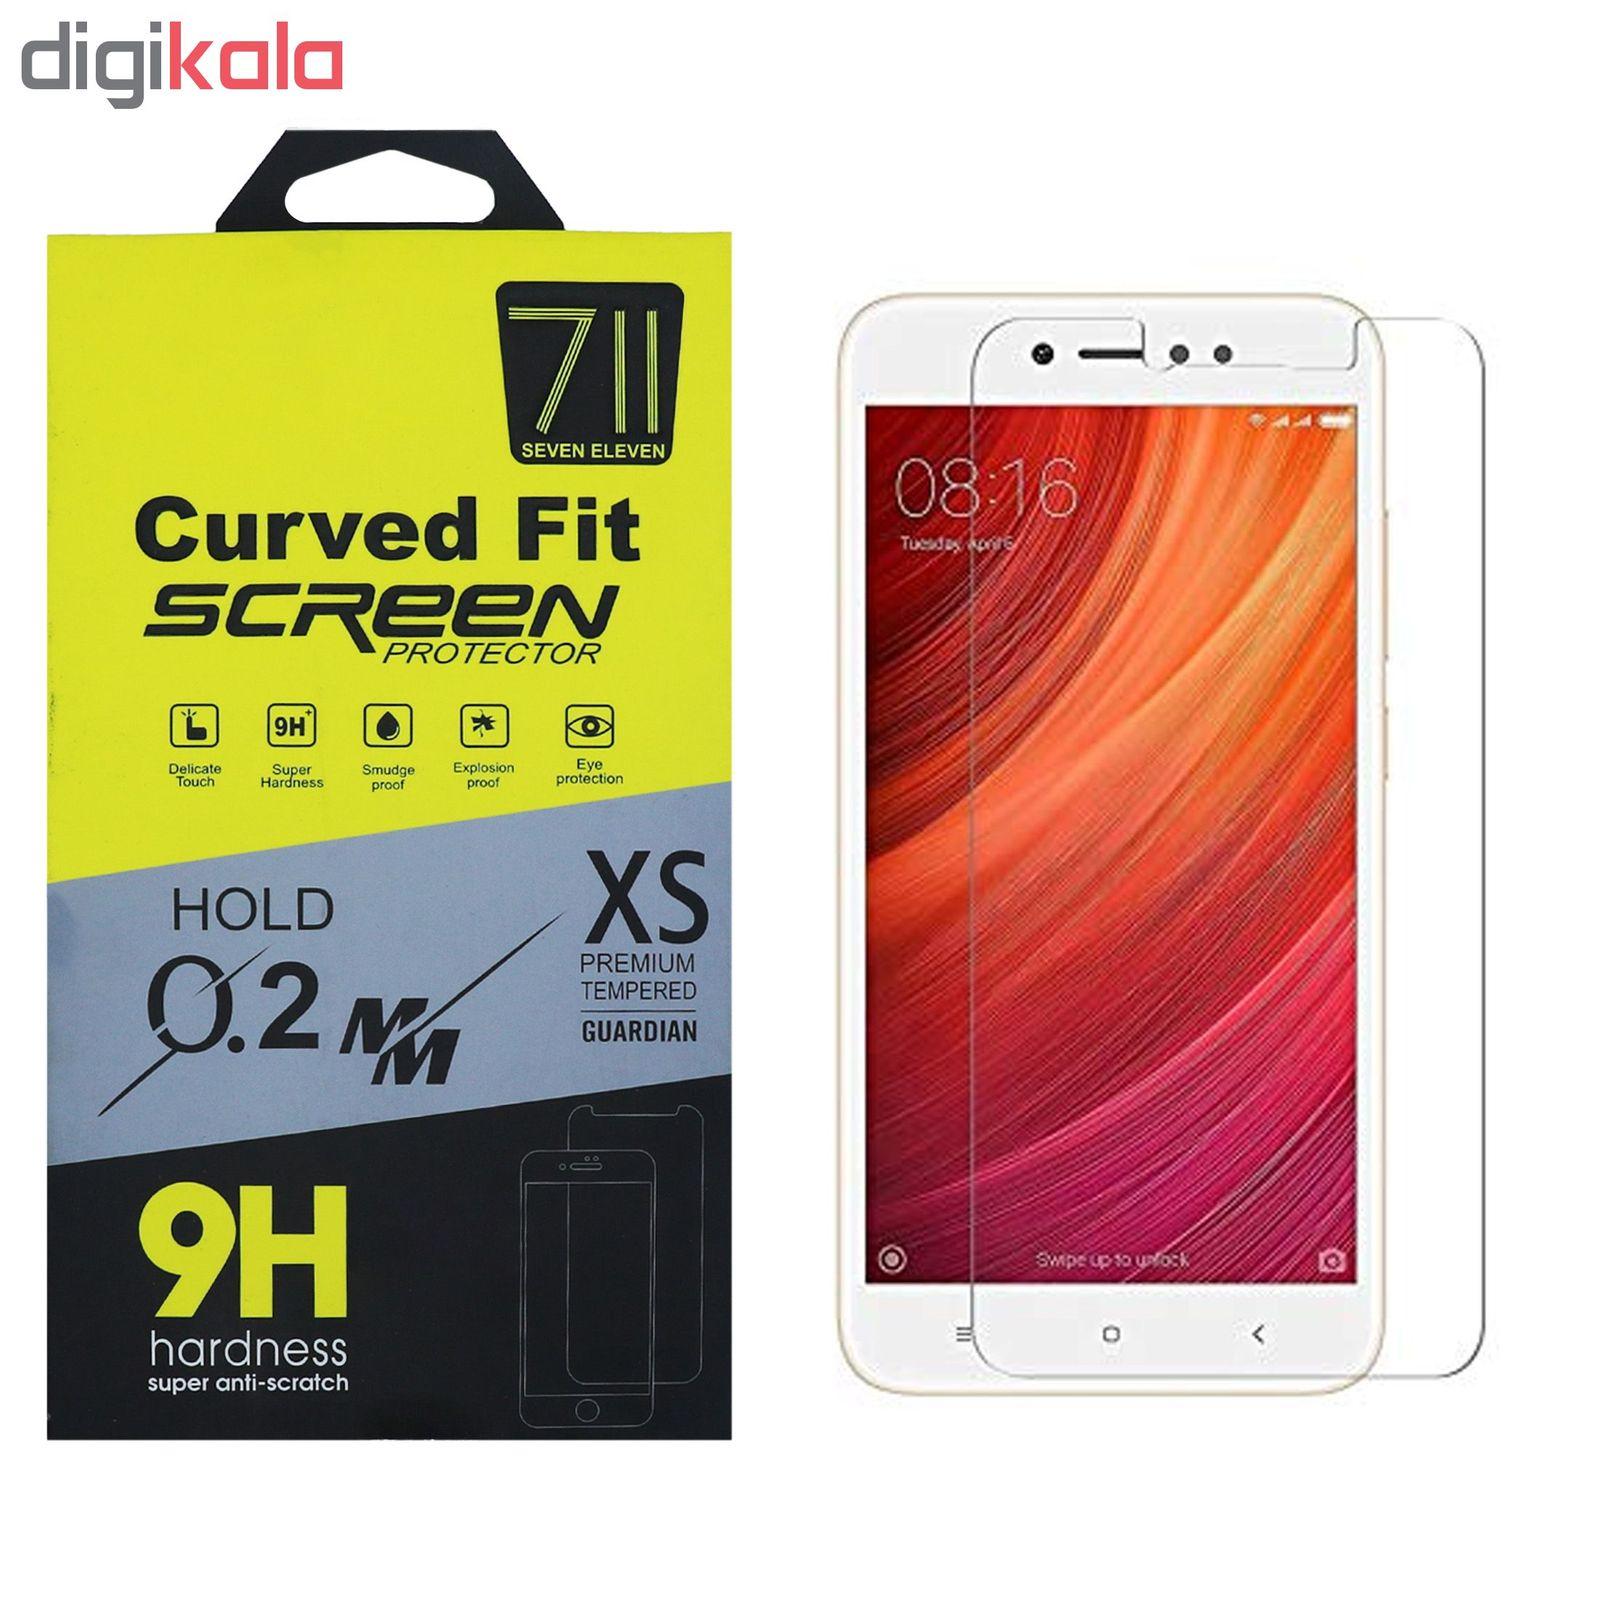 محافظ صفحه نمایش سون الون مدل Tmp مناسب برای گوشی موبایل شیائومی  Redmi Note 3 main 1 1